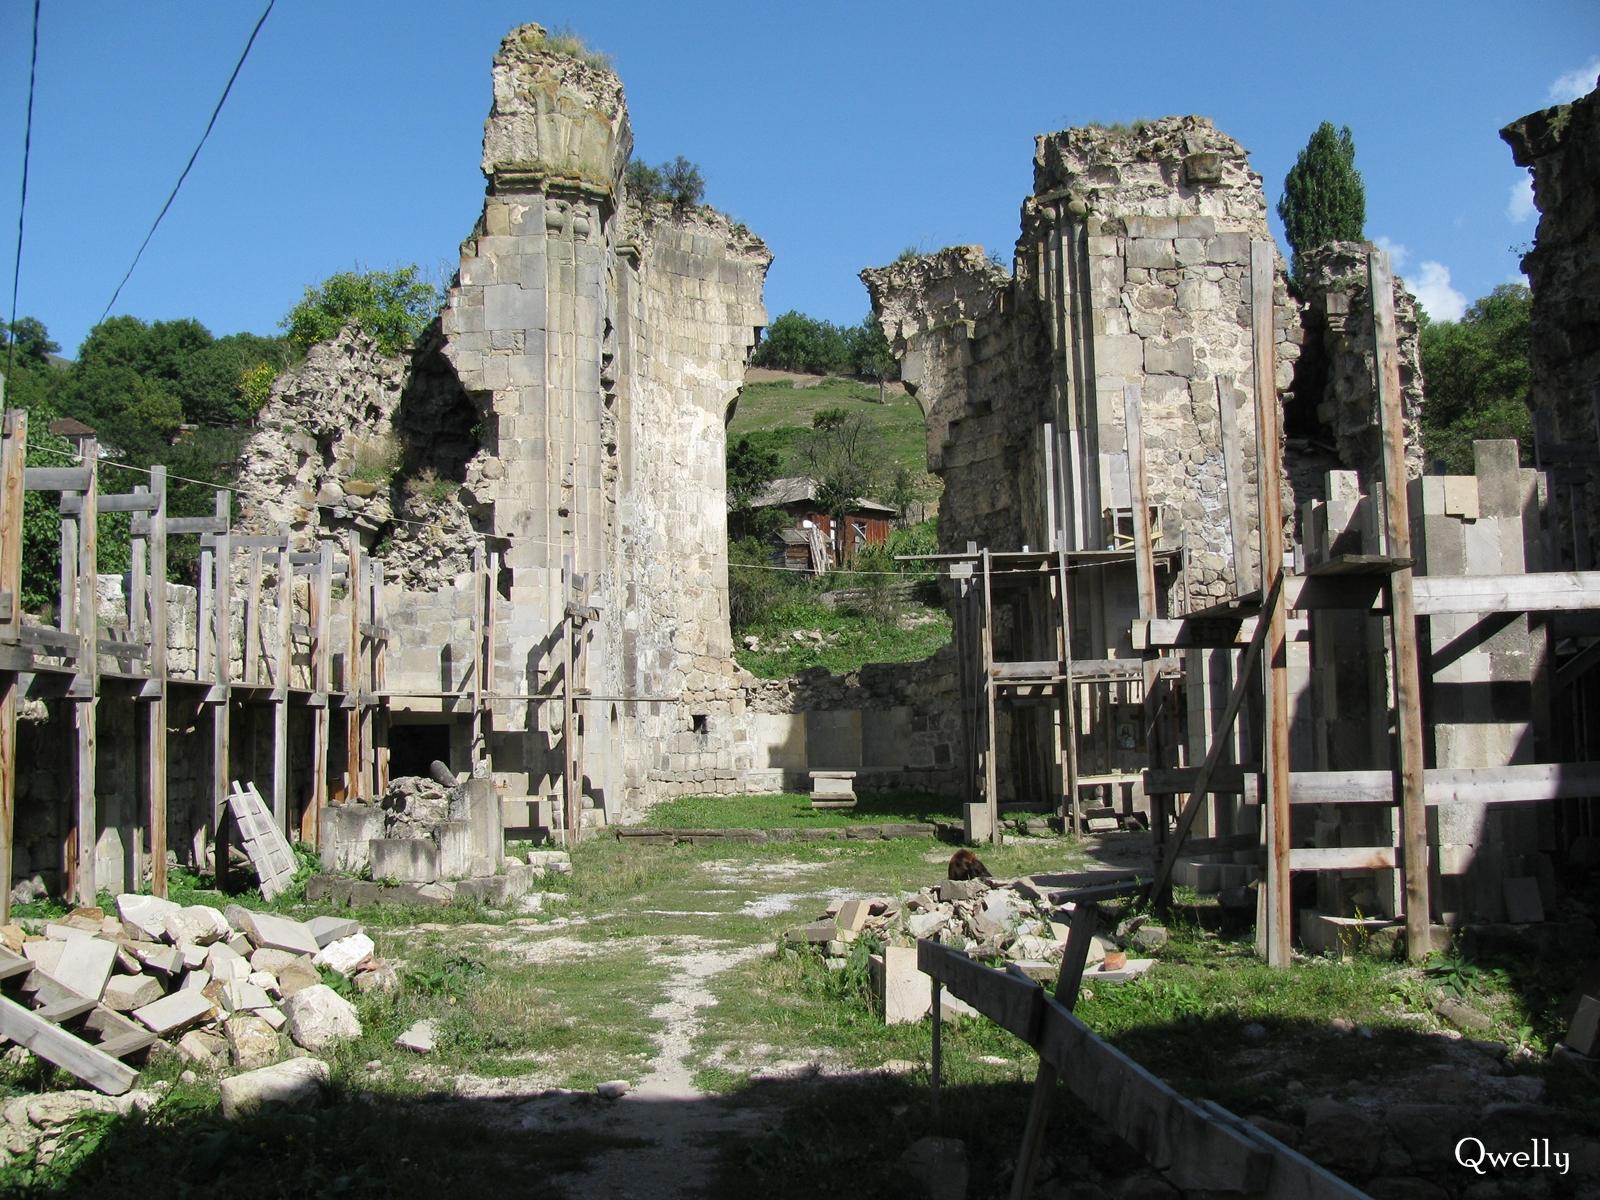 ტაძრის ინტერიერი, awyuris gmrtismshoblis saxelobis eklesia, blogi, giorgi maisuradzis blogi, qwelly, awyuri, gmrtismshobeli, xati, eklesia, awyuris cixe, castle, virgin icon, church, temple, აწყურის ღმრთისმშობლის სახელობის ტაძარი, ნანგრევები, აწყური, ციხე, აწყურის ციხე, აწყურის ღმრთისმშობელი, ღმრთისმშობლის ხატი, ციხესიმაგრე, ტაძარი, ტაძრის ნანგრევები, გიორგი მაისურაძის ბლოგი, ქველი